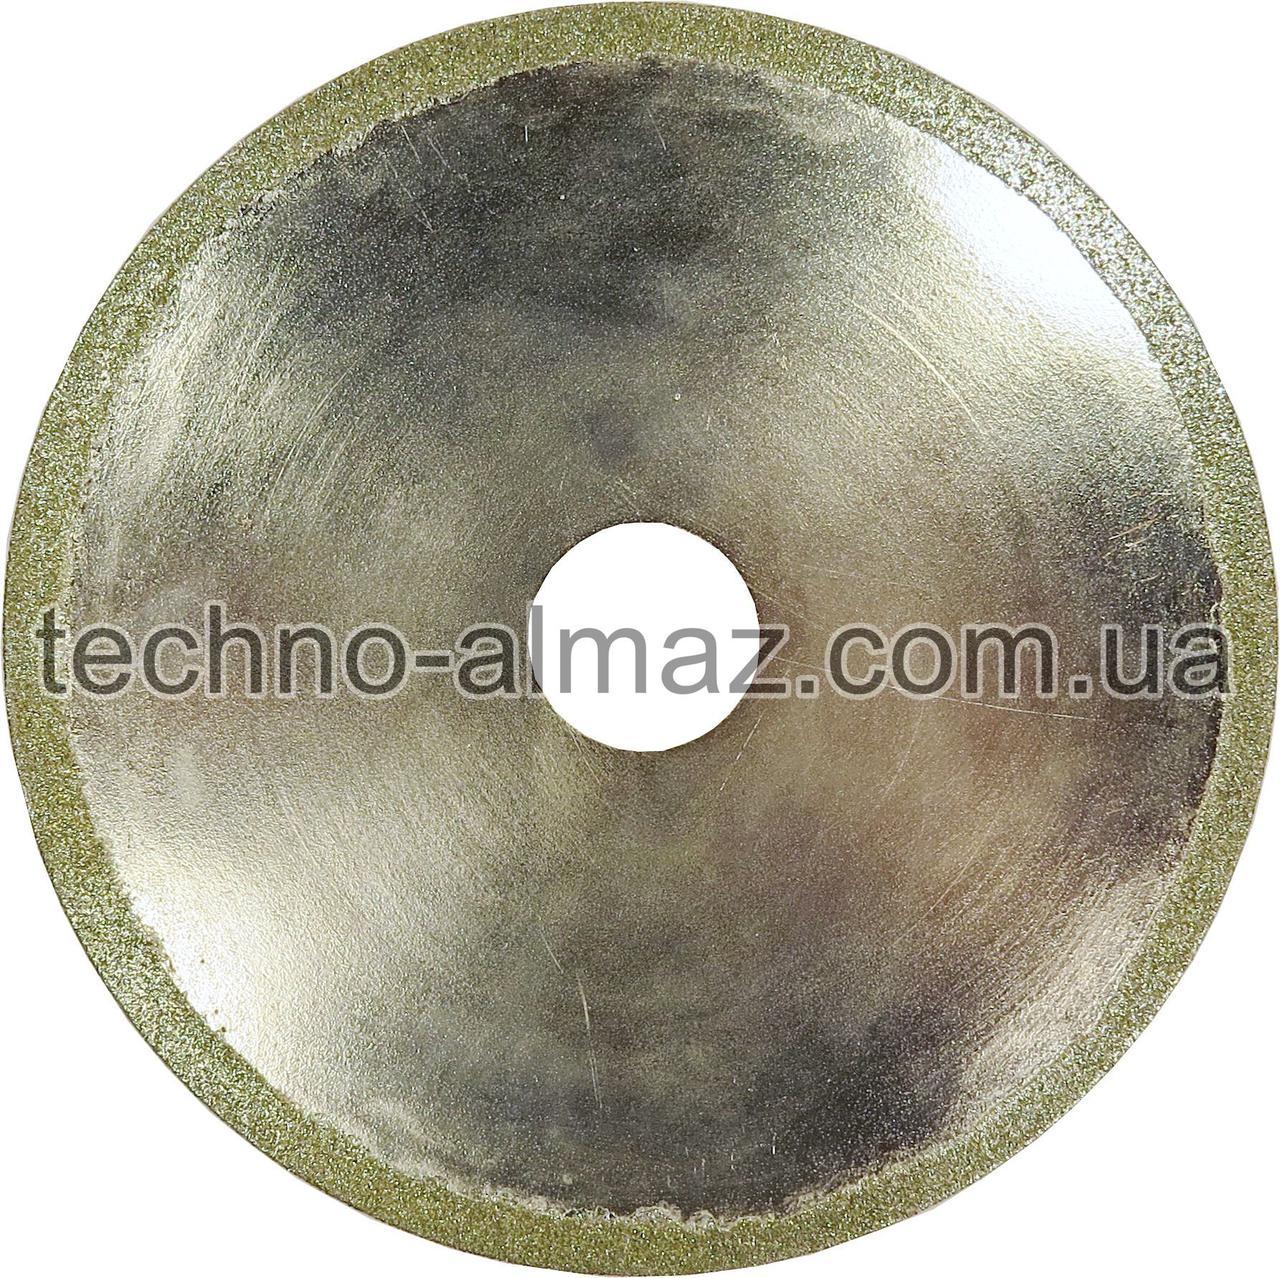 Алмазный отрезной круг 1A1R 125 1.2 5 22.2